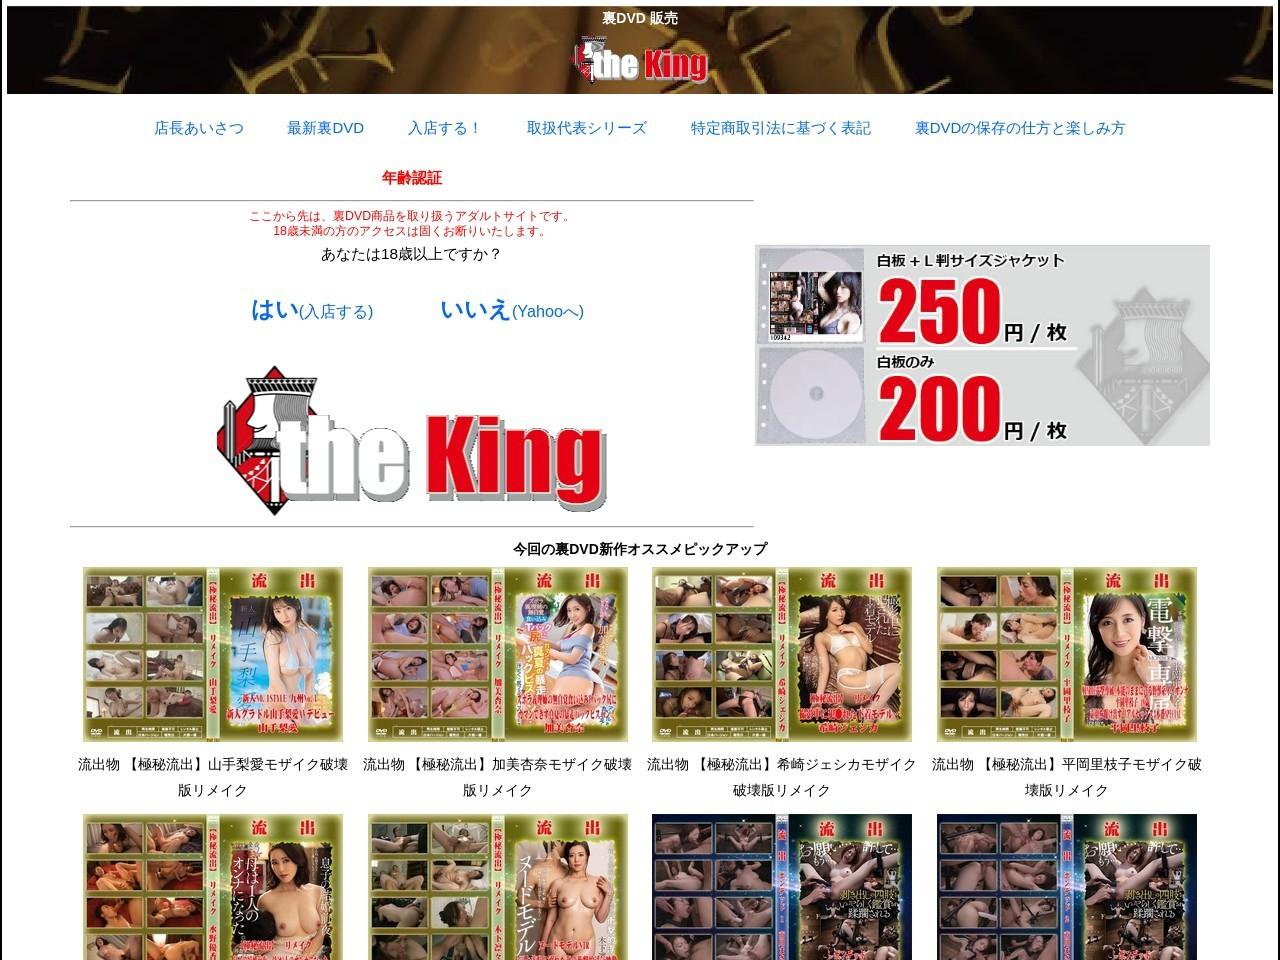 外部サイト:安心のアダルトDVD・裏DVD通販